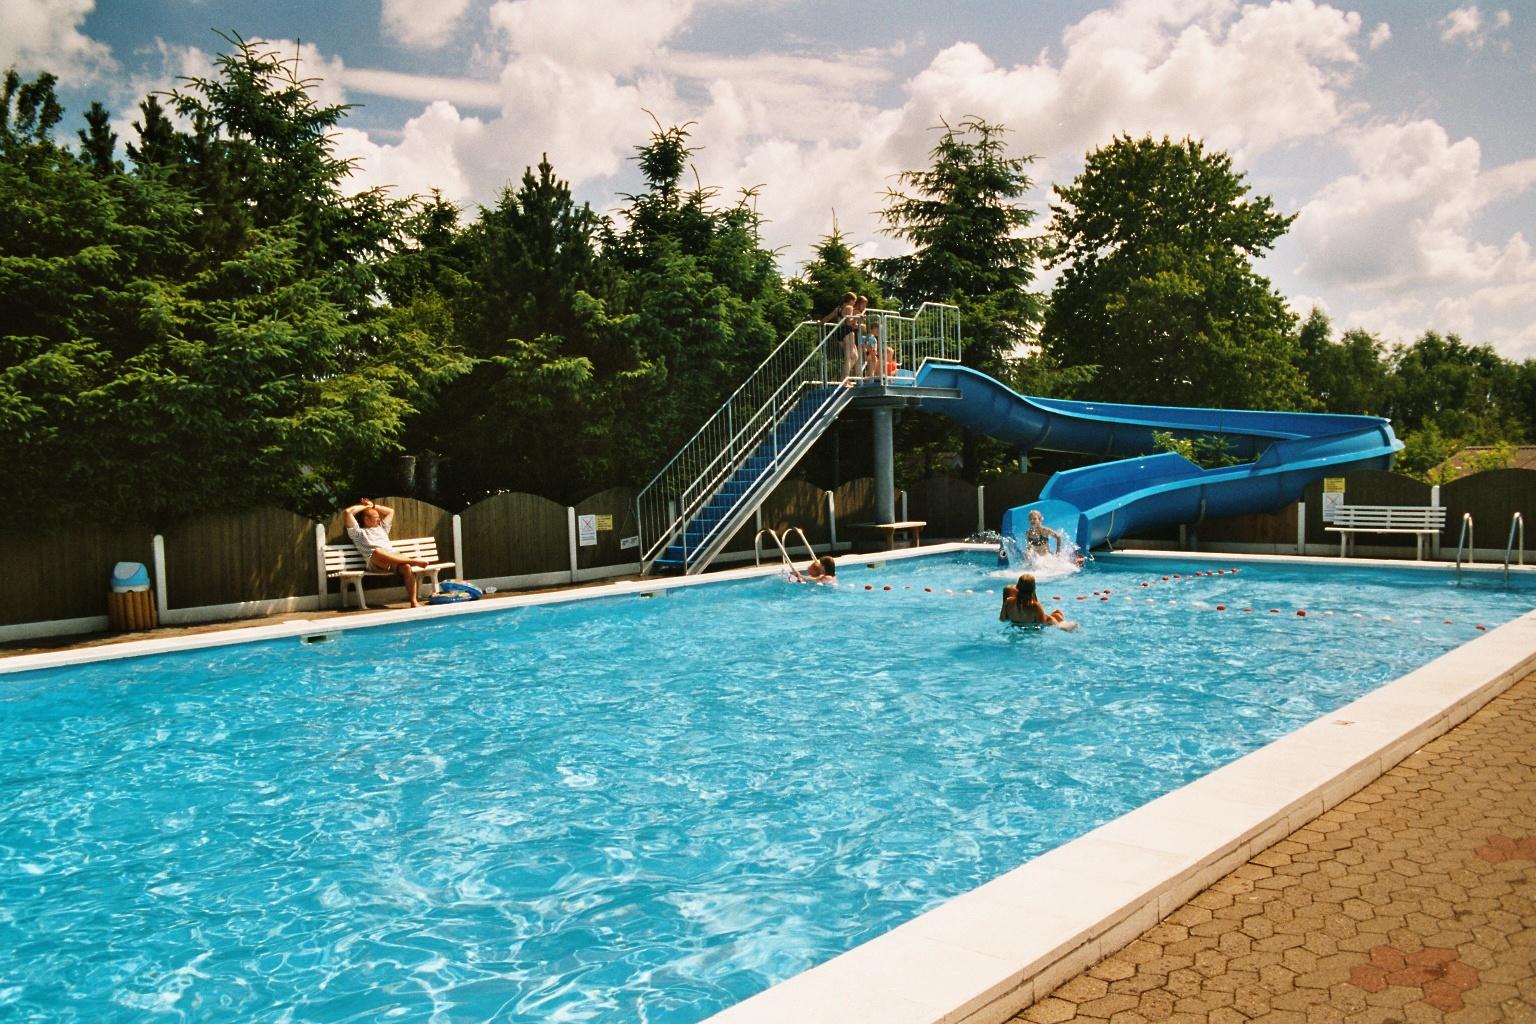 zwembad spelletjes